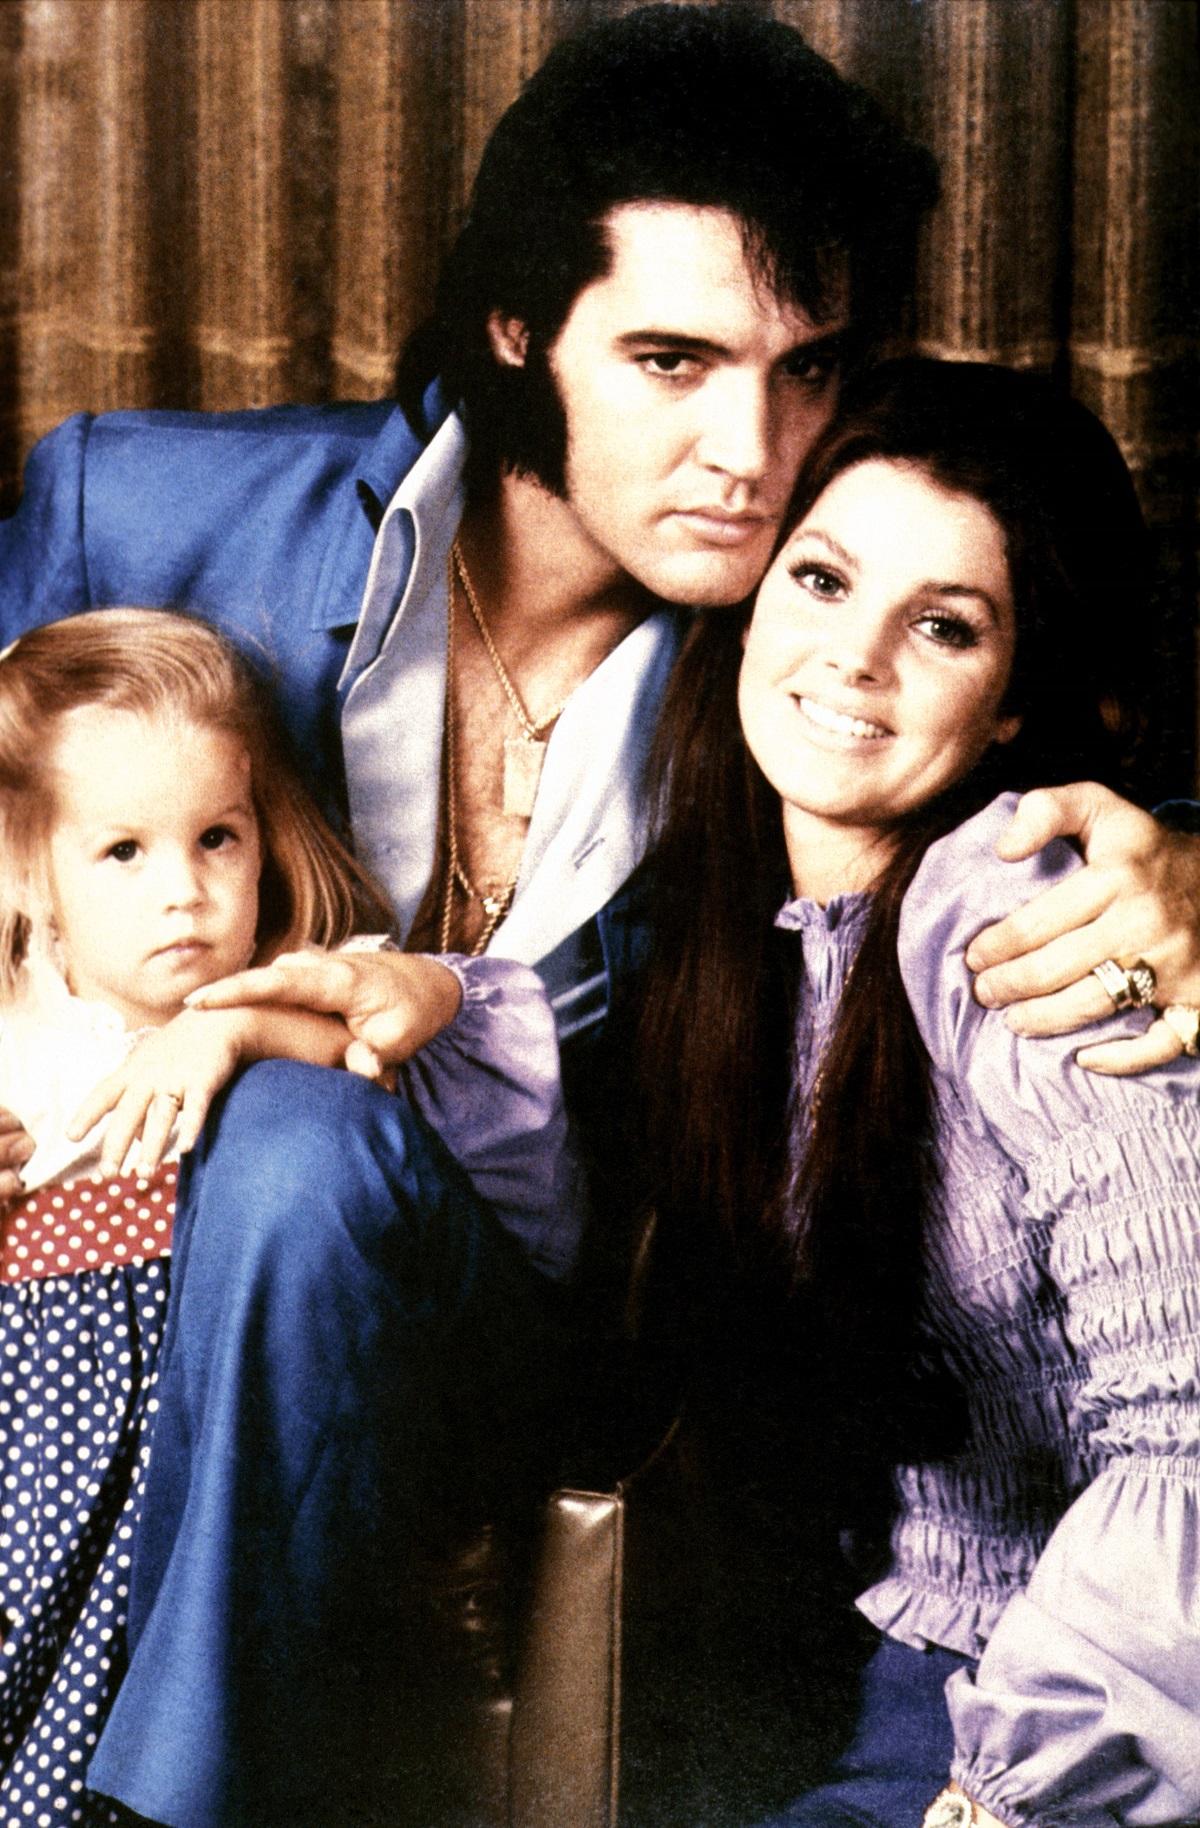 Lisa Marie Presley, Elvis Presley, and Priscilla Presley